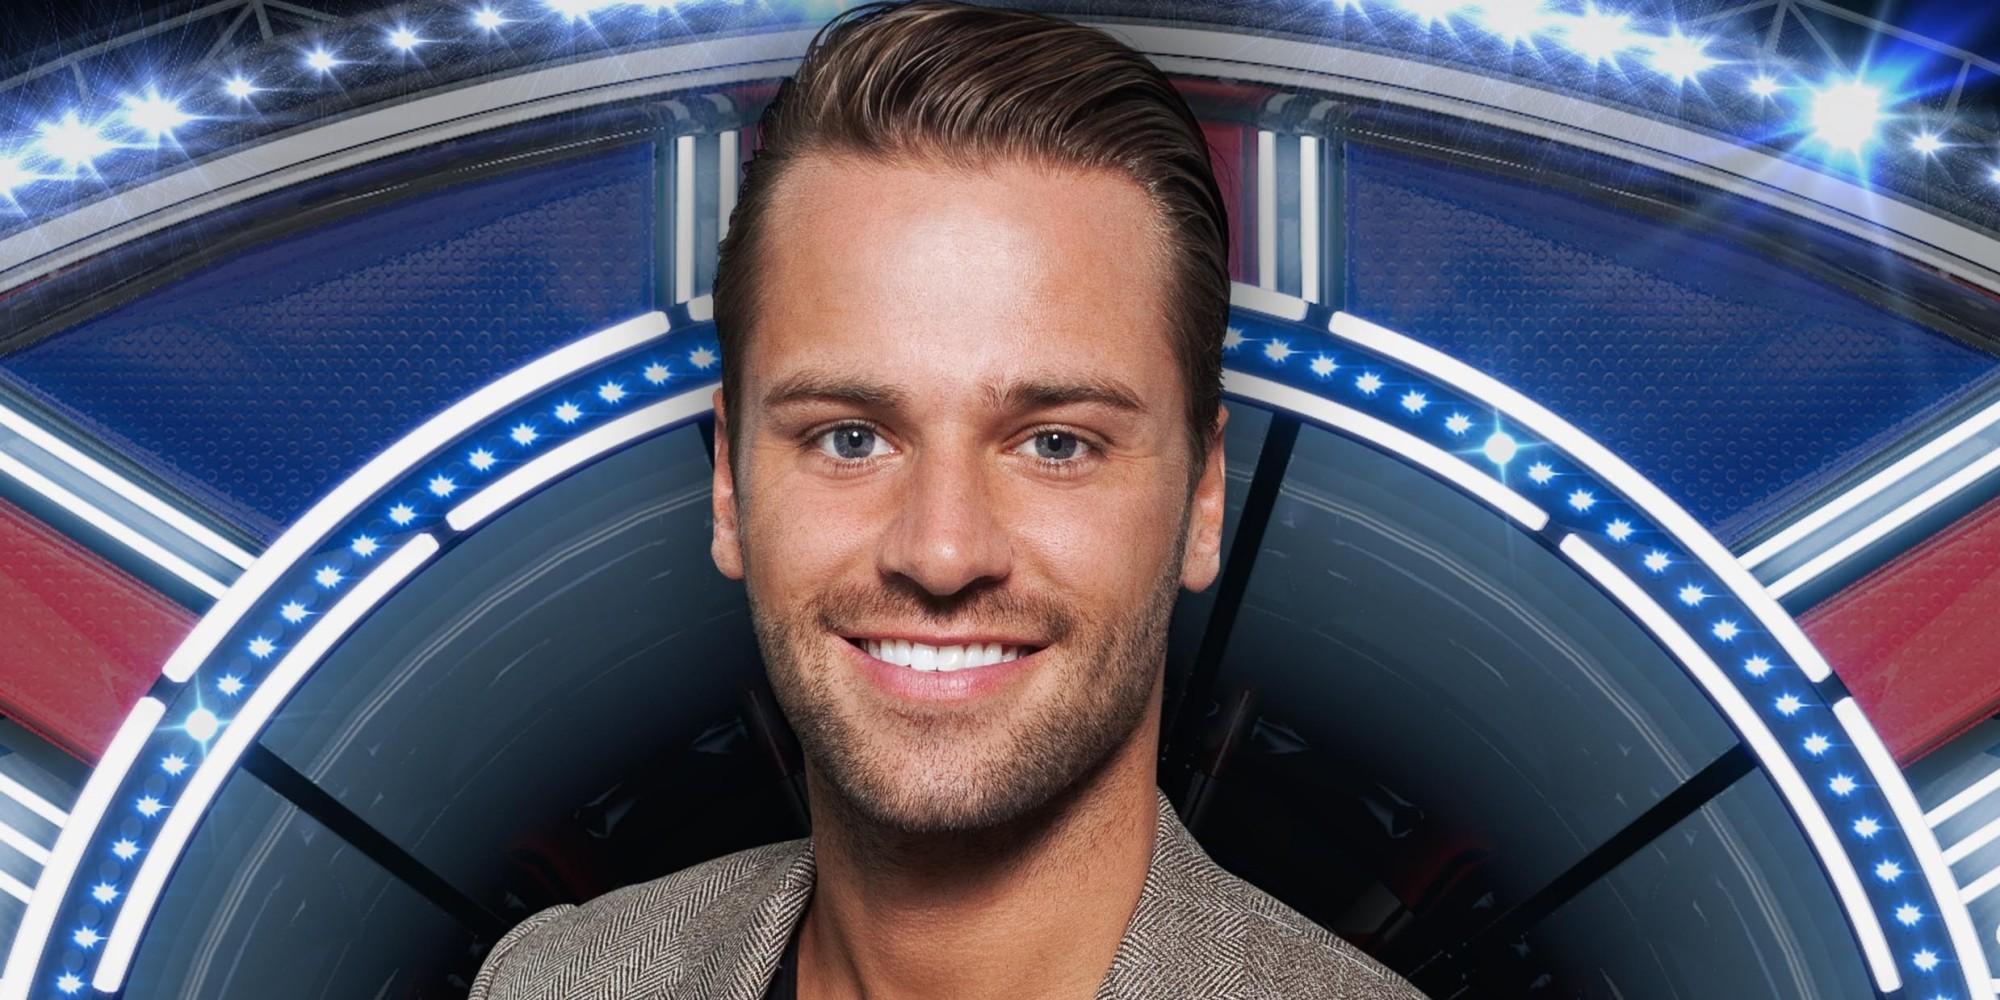 Celebrity Big Brother - Things Get Heated Between Omarosa ...